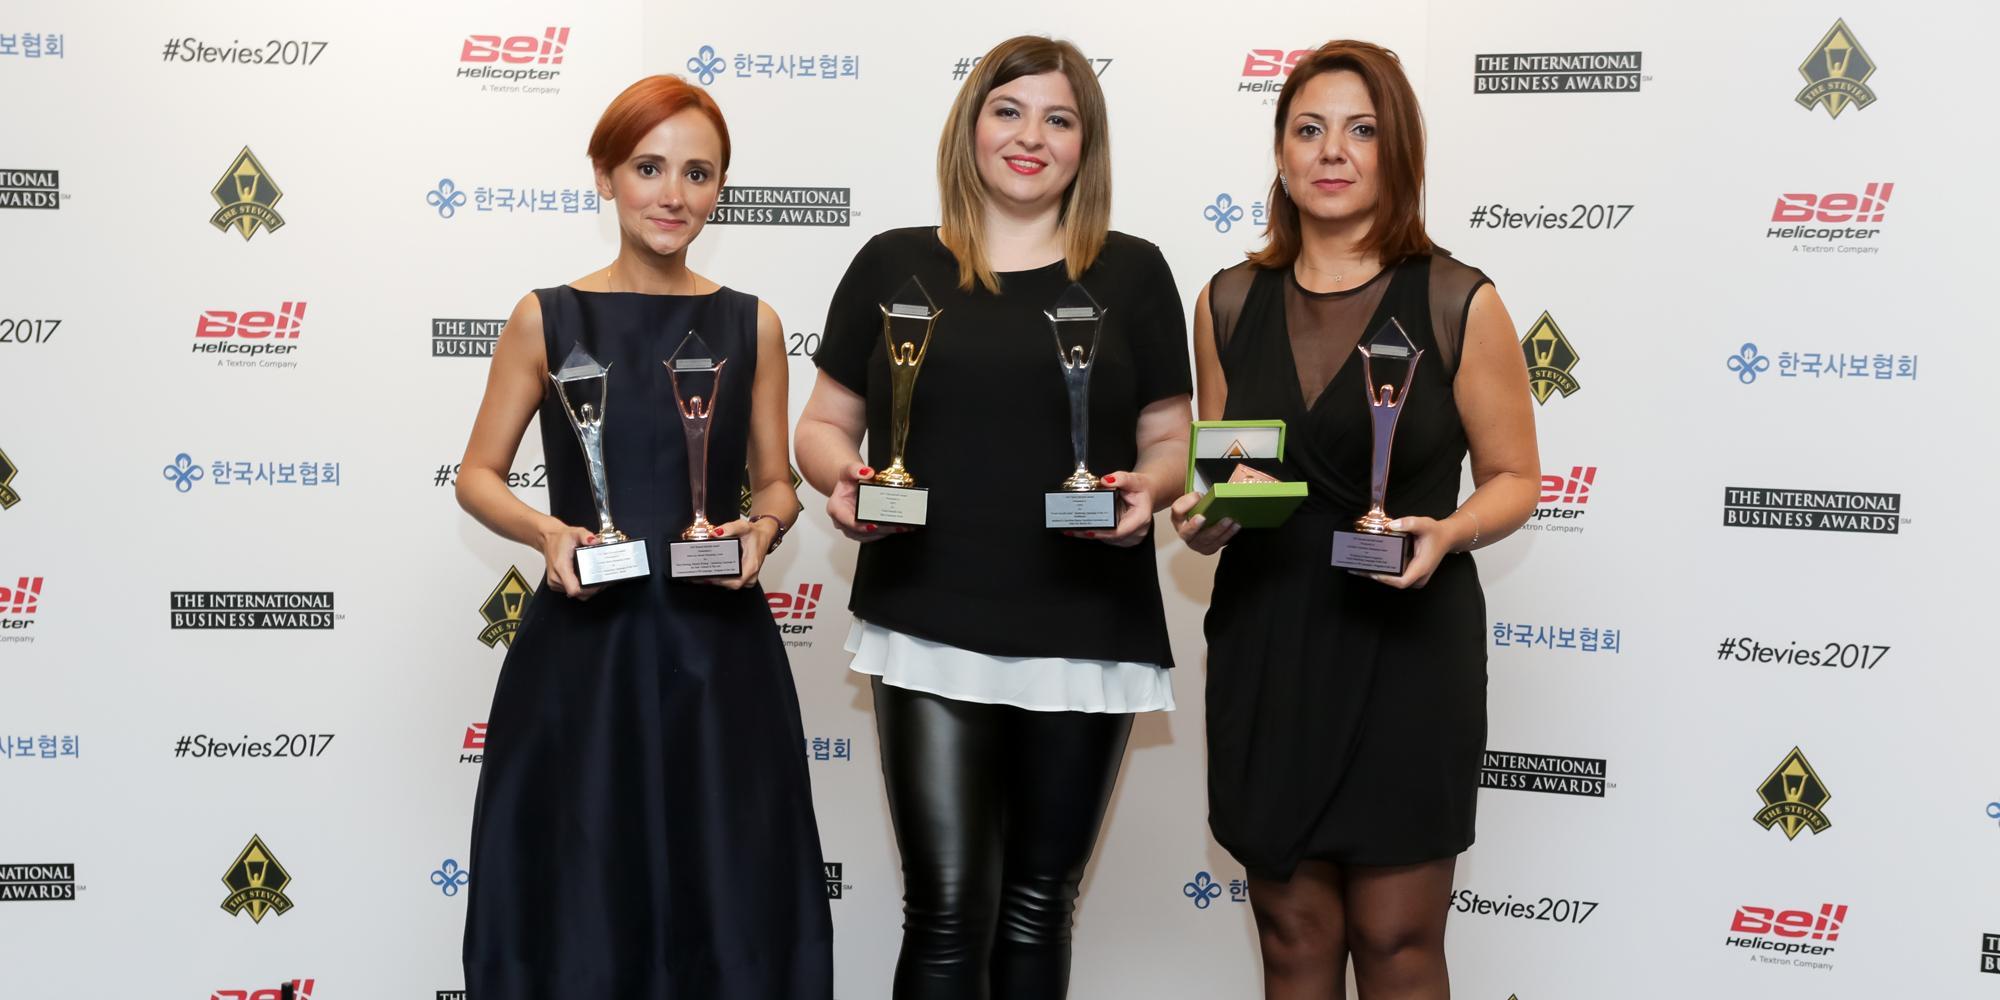 CEFIC tarafından yönetilen 3 AVM Stevie Uluslararası İş Ödülleri'nde 9 Uluslararası Ödül